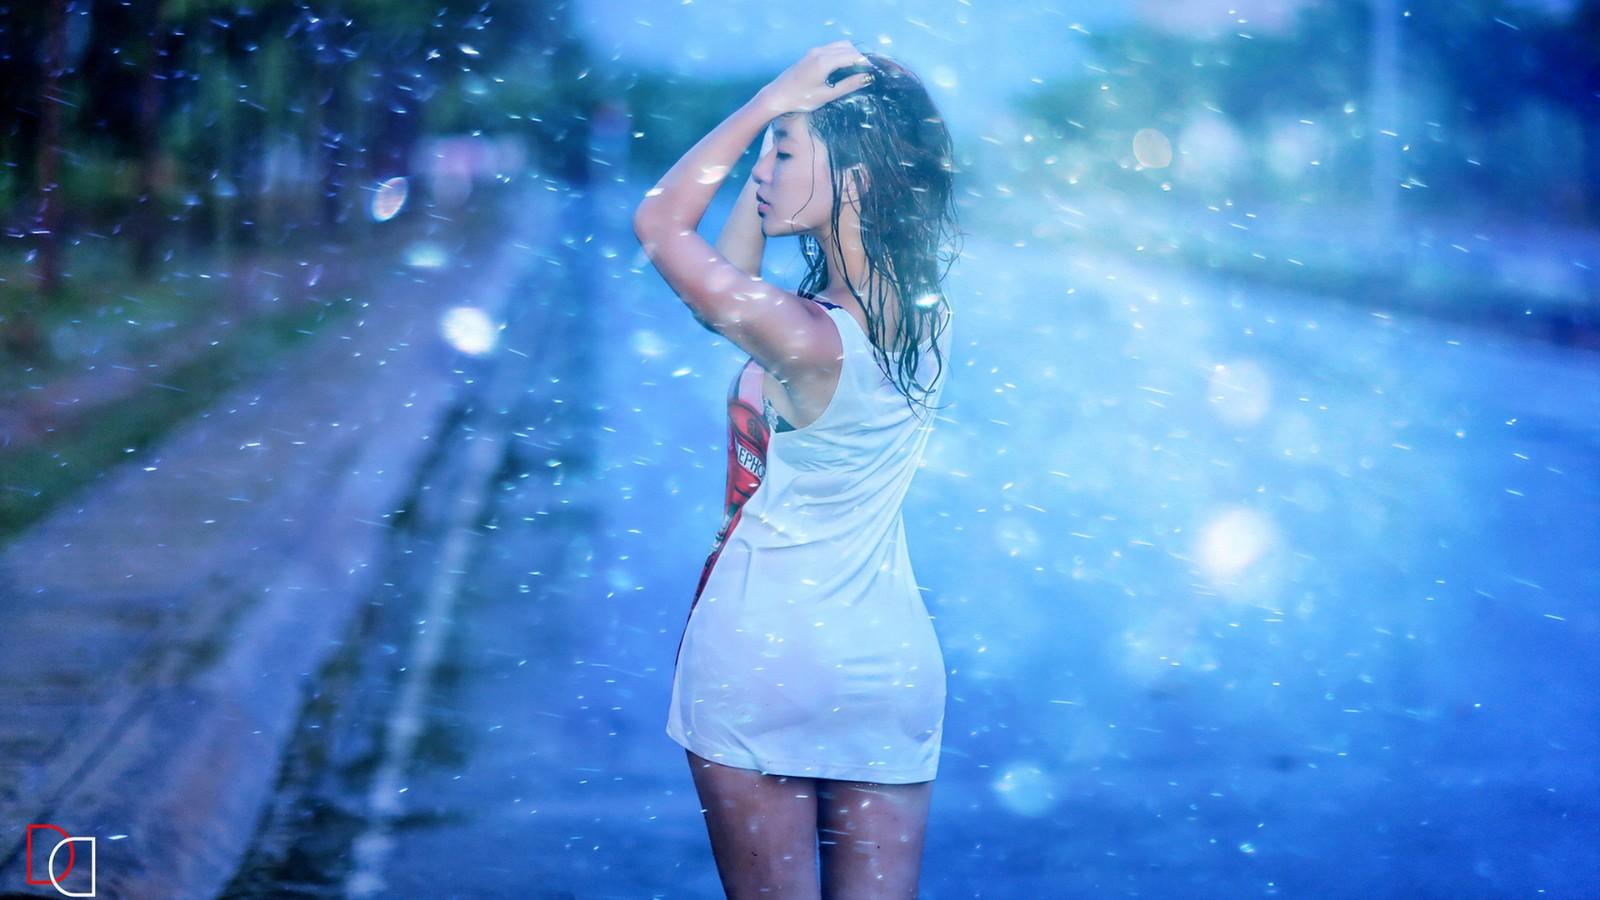 美女,街头,雨中,唯美意境,壁纸